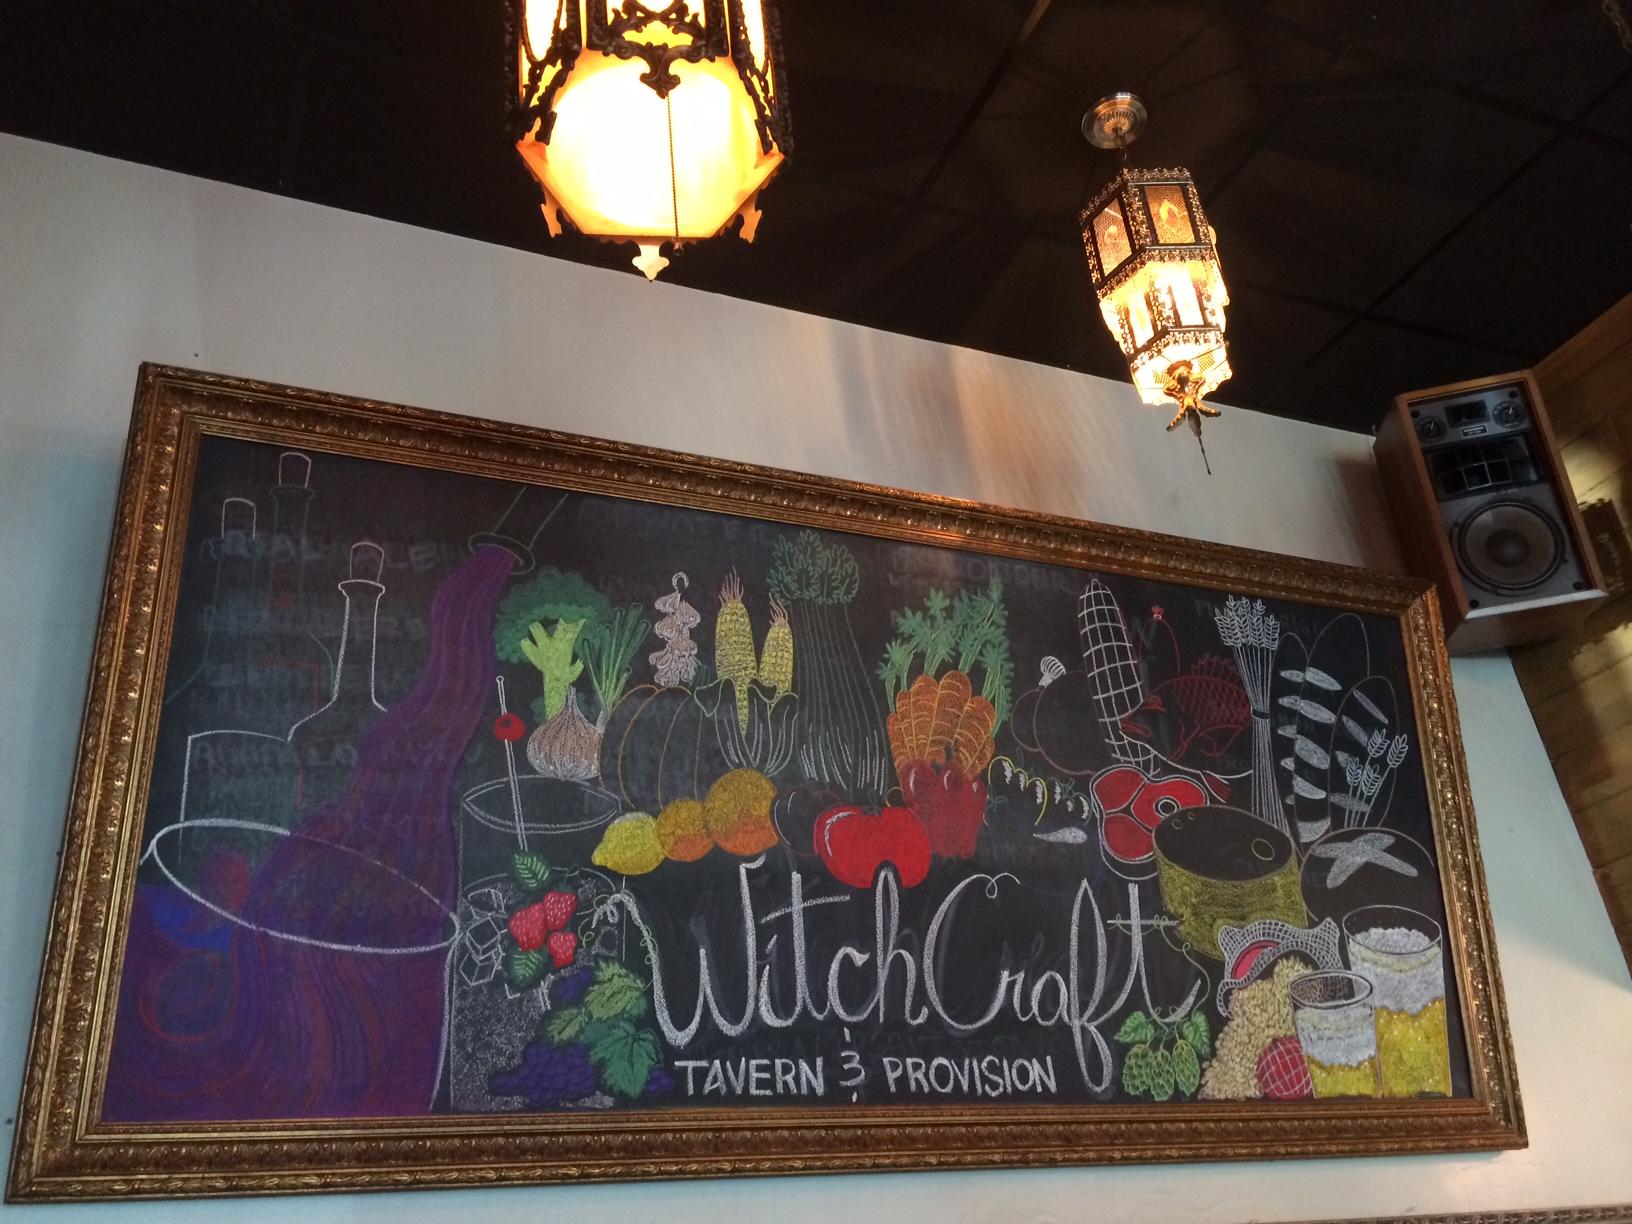 Witchcraft Tavern